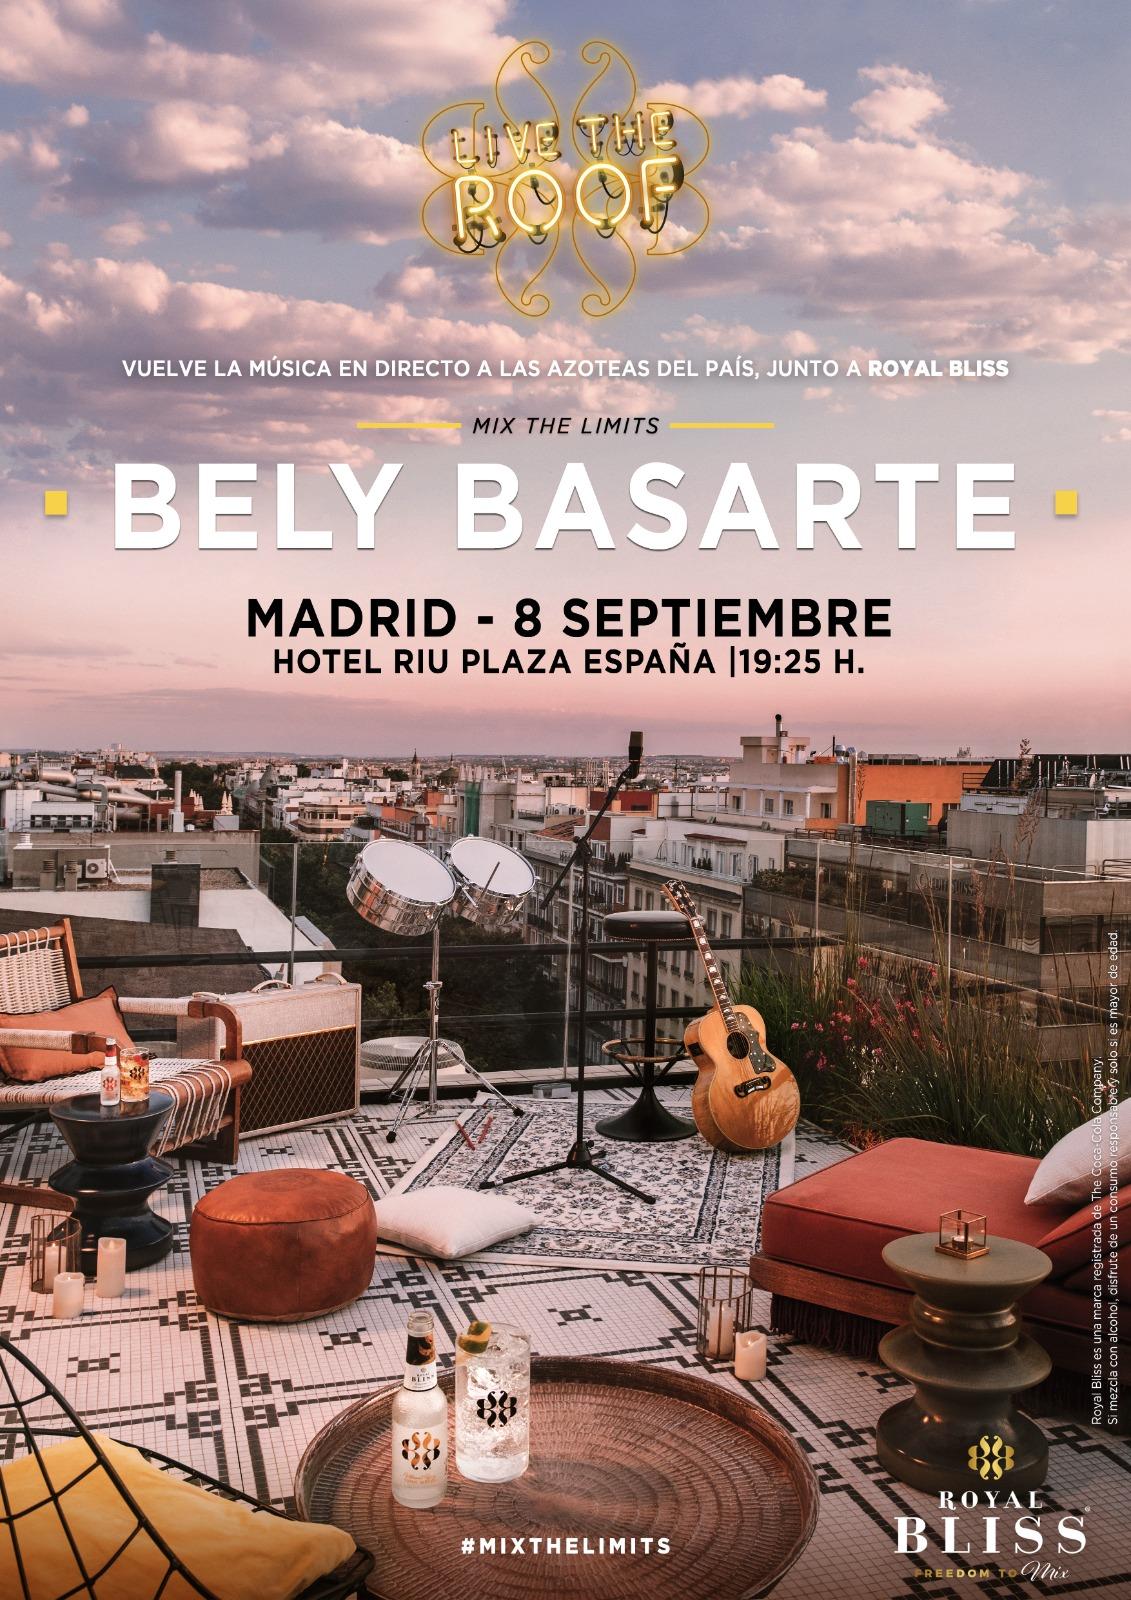 bely basarte en live the roof madrid 16261654450350401